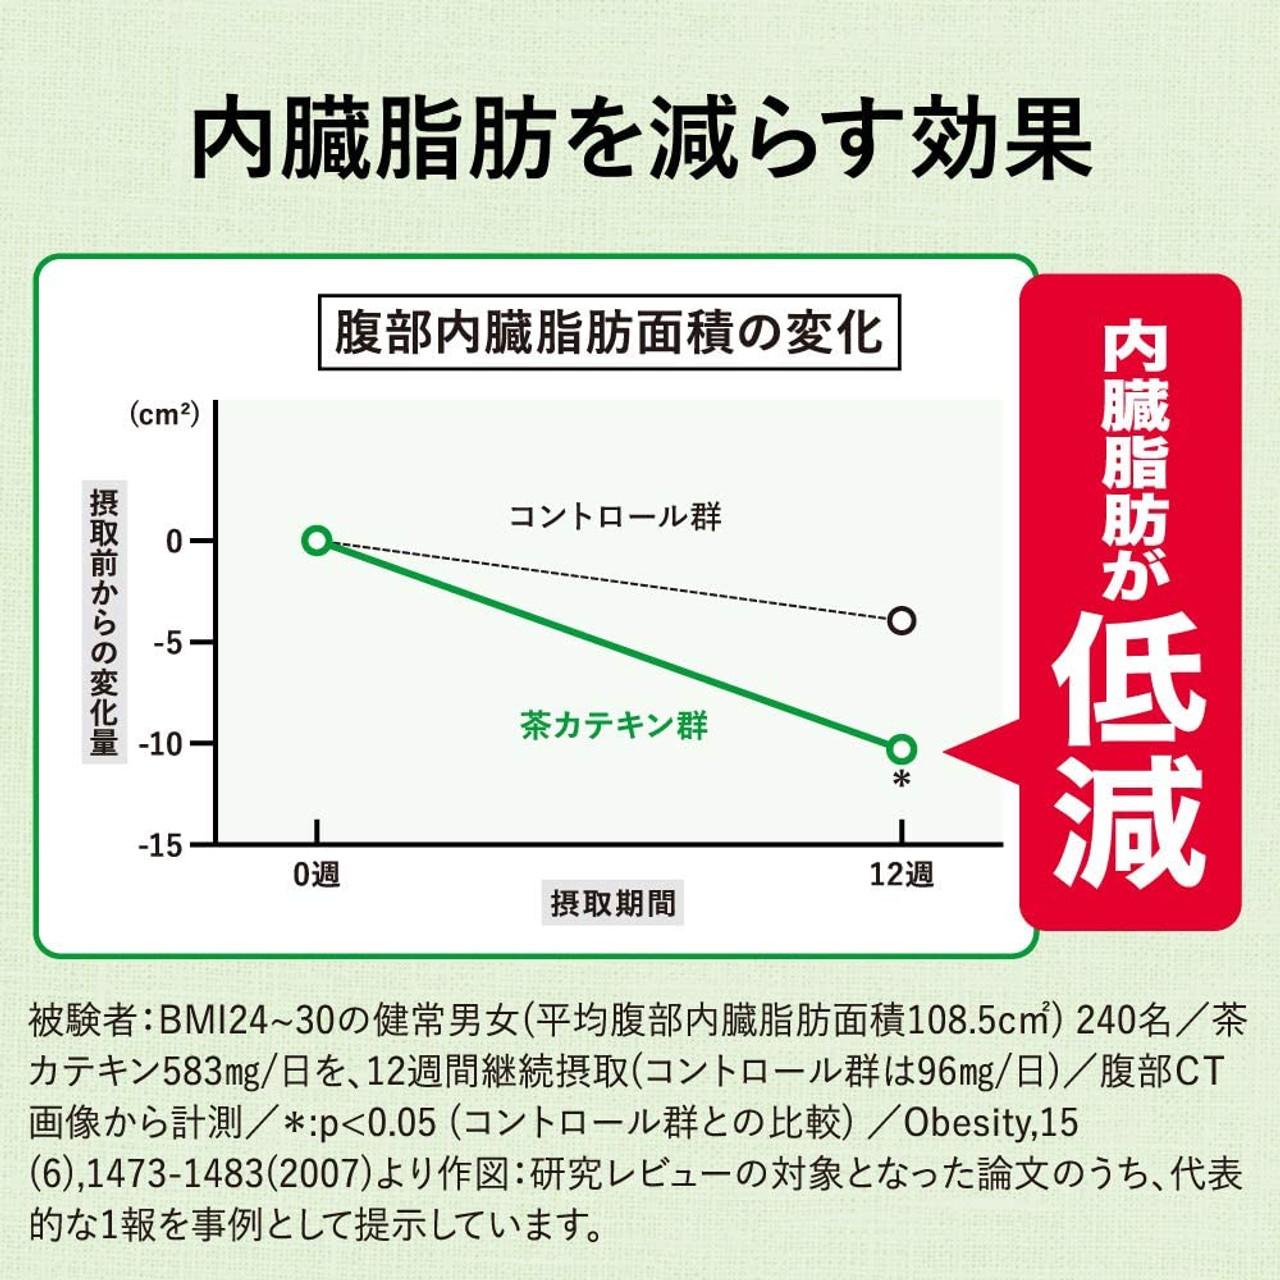 Снижение висцерального жира по сравнению с контрольной группой после применения чая в течение 12 недель.